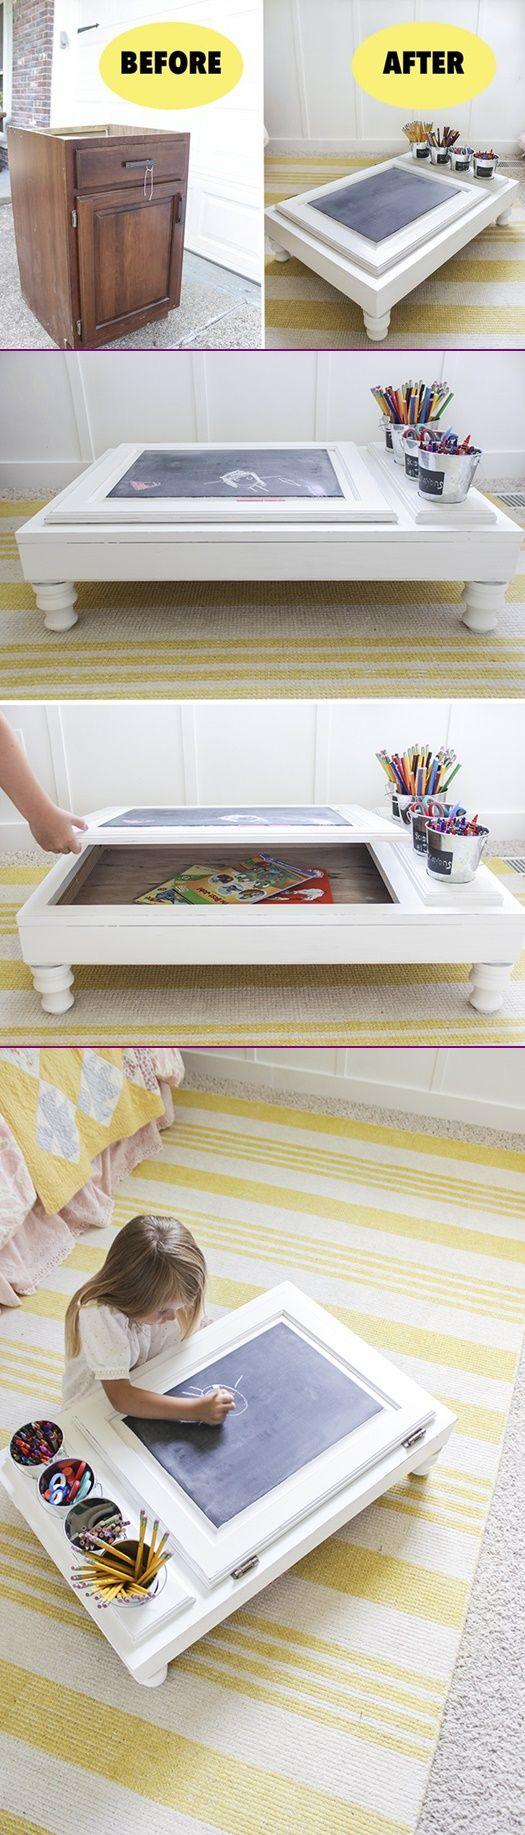 Turn Cabinet Door Into Art Desk Tutorial #Crafts, #Furniture, #Recycle =>http://www.fabartdiy.com/how-to-make-art-desk-from-cupboard-door/